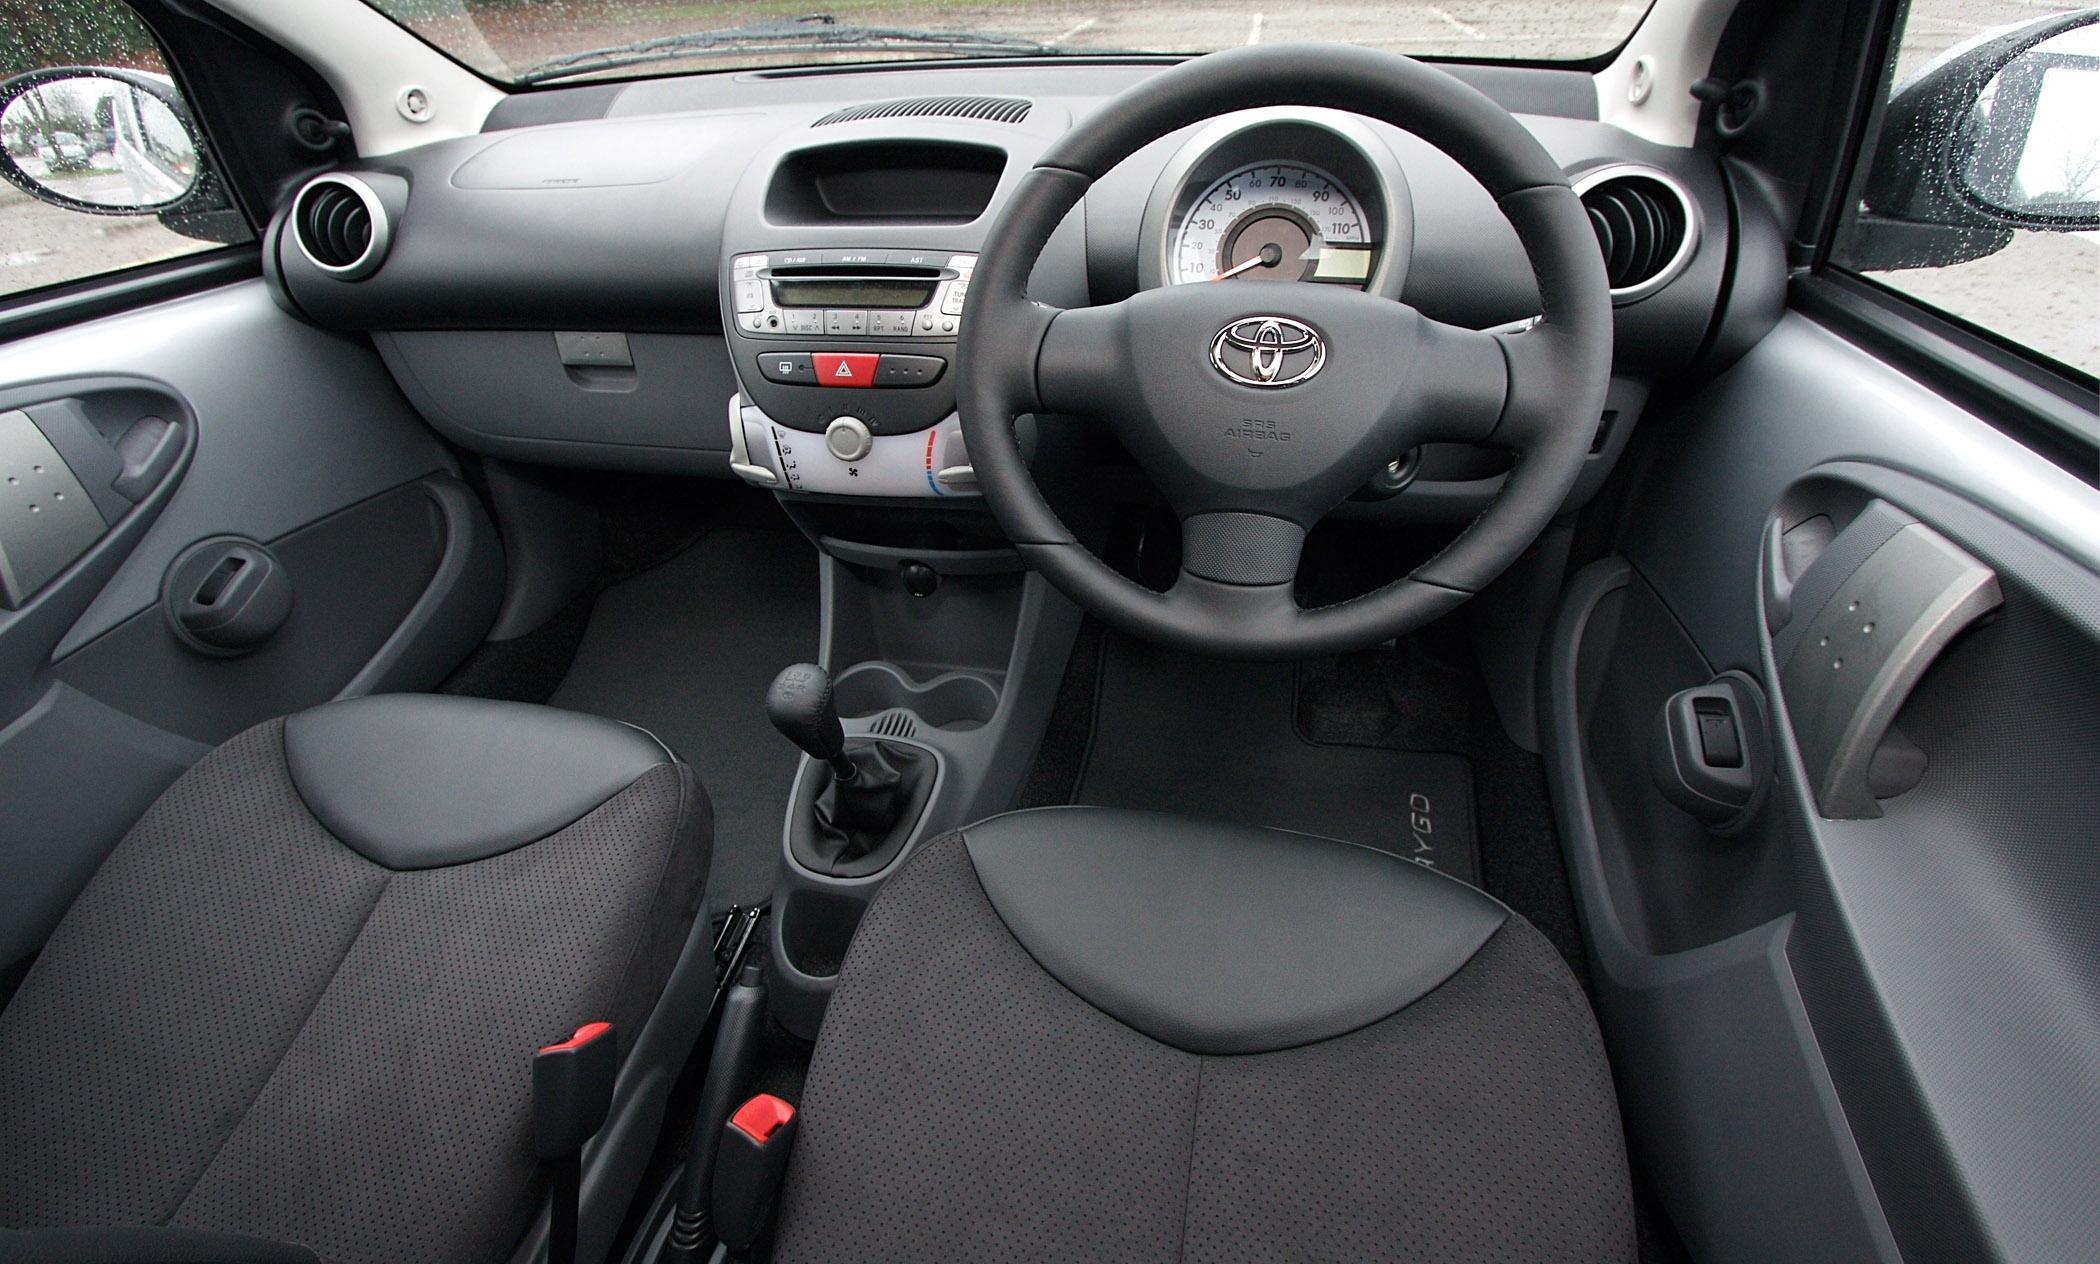 2007 Toyota Aygo Platinum Picture 77920